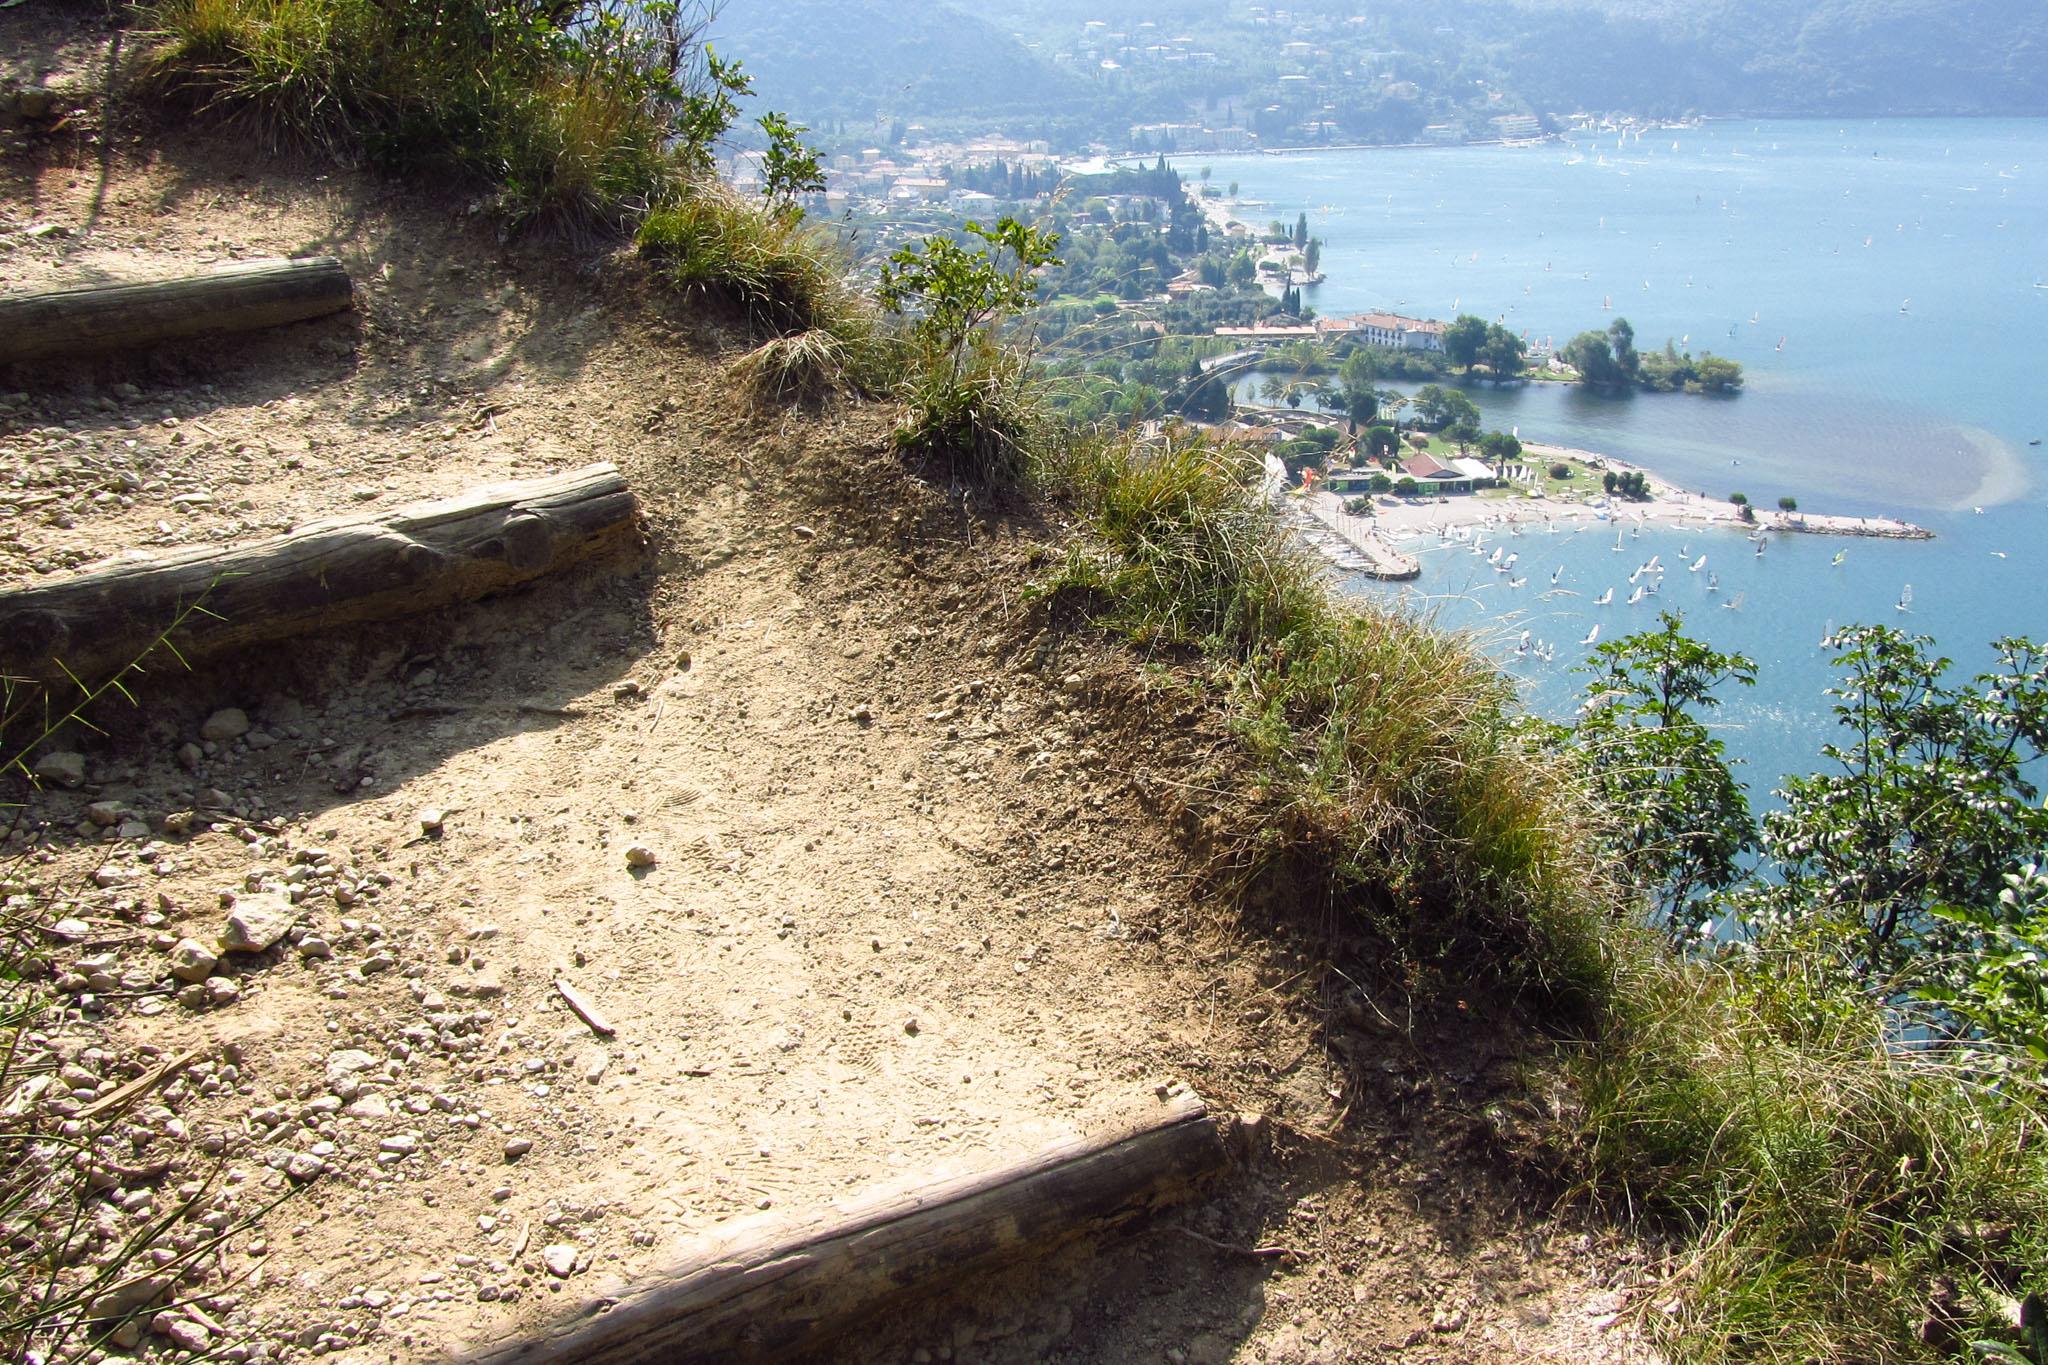 Der Wanderweg am Monte Brione führt manchmal direkt an der Steilkante entlang